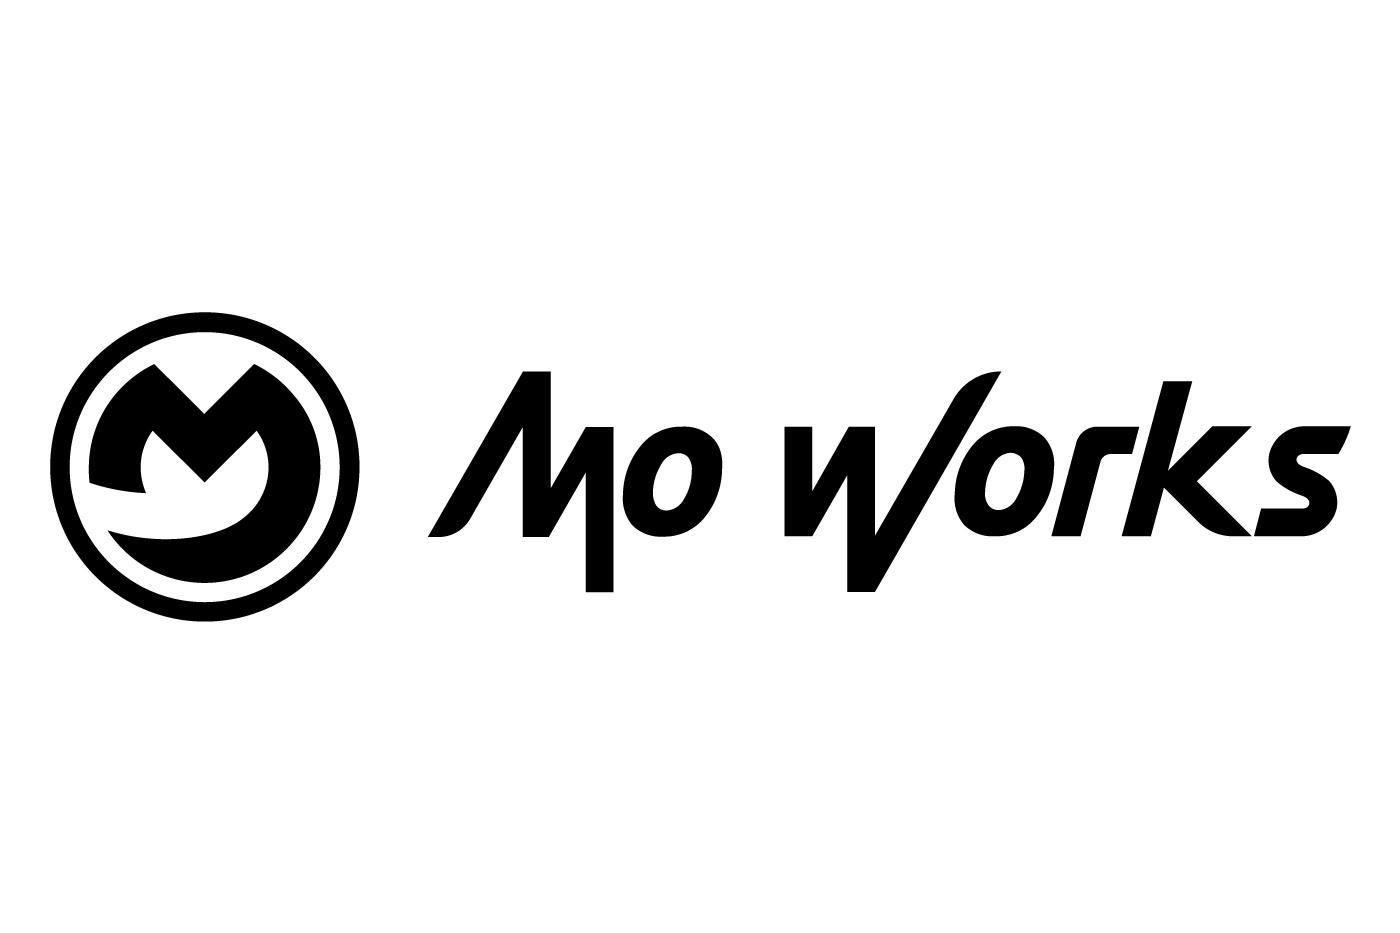 https://s3.ap-southeast-2.amazonaws.com/hdp.au.prod.app.com-participate.files/4016/1587/2127/Mo_Works-logo-CoM.jpg